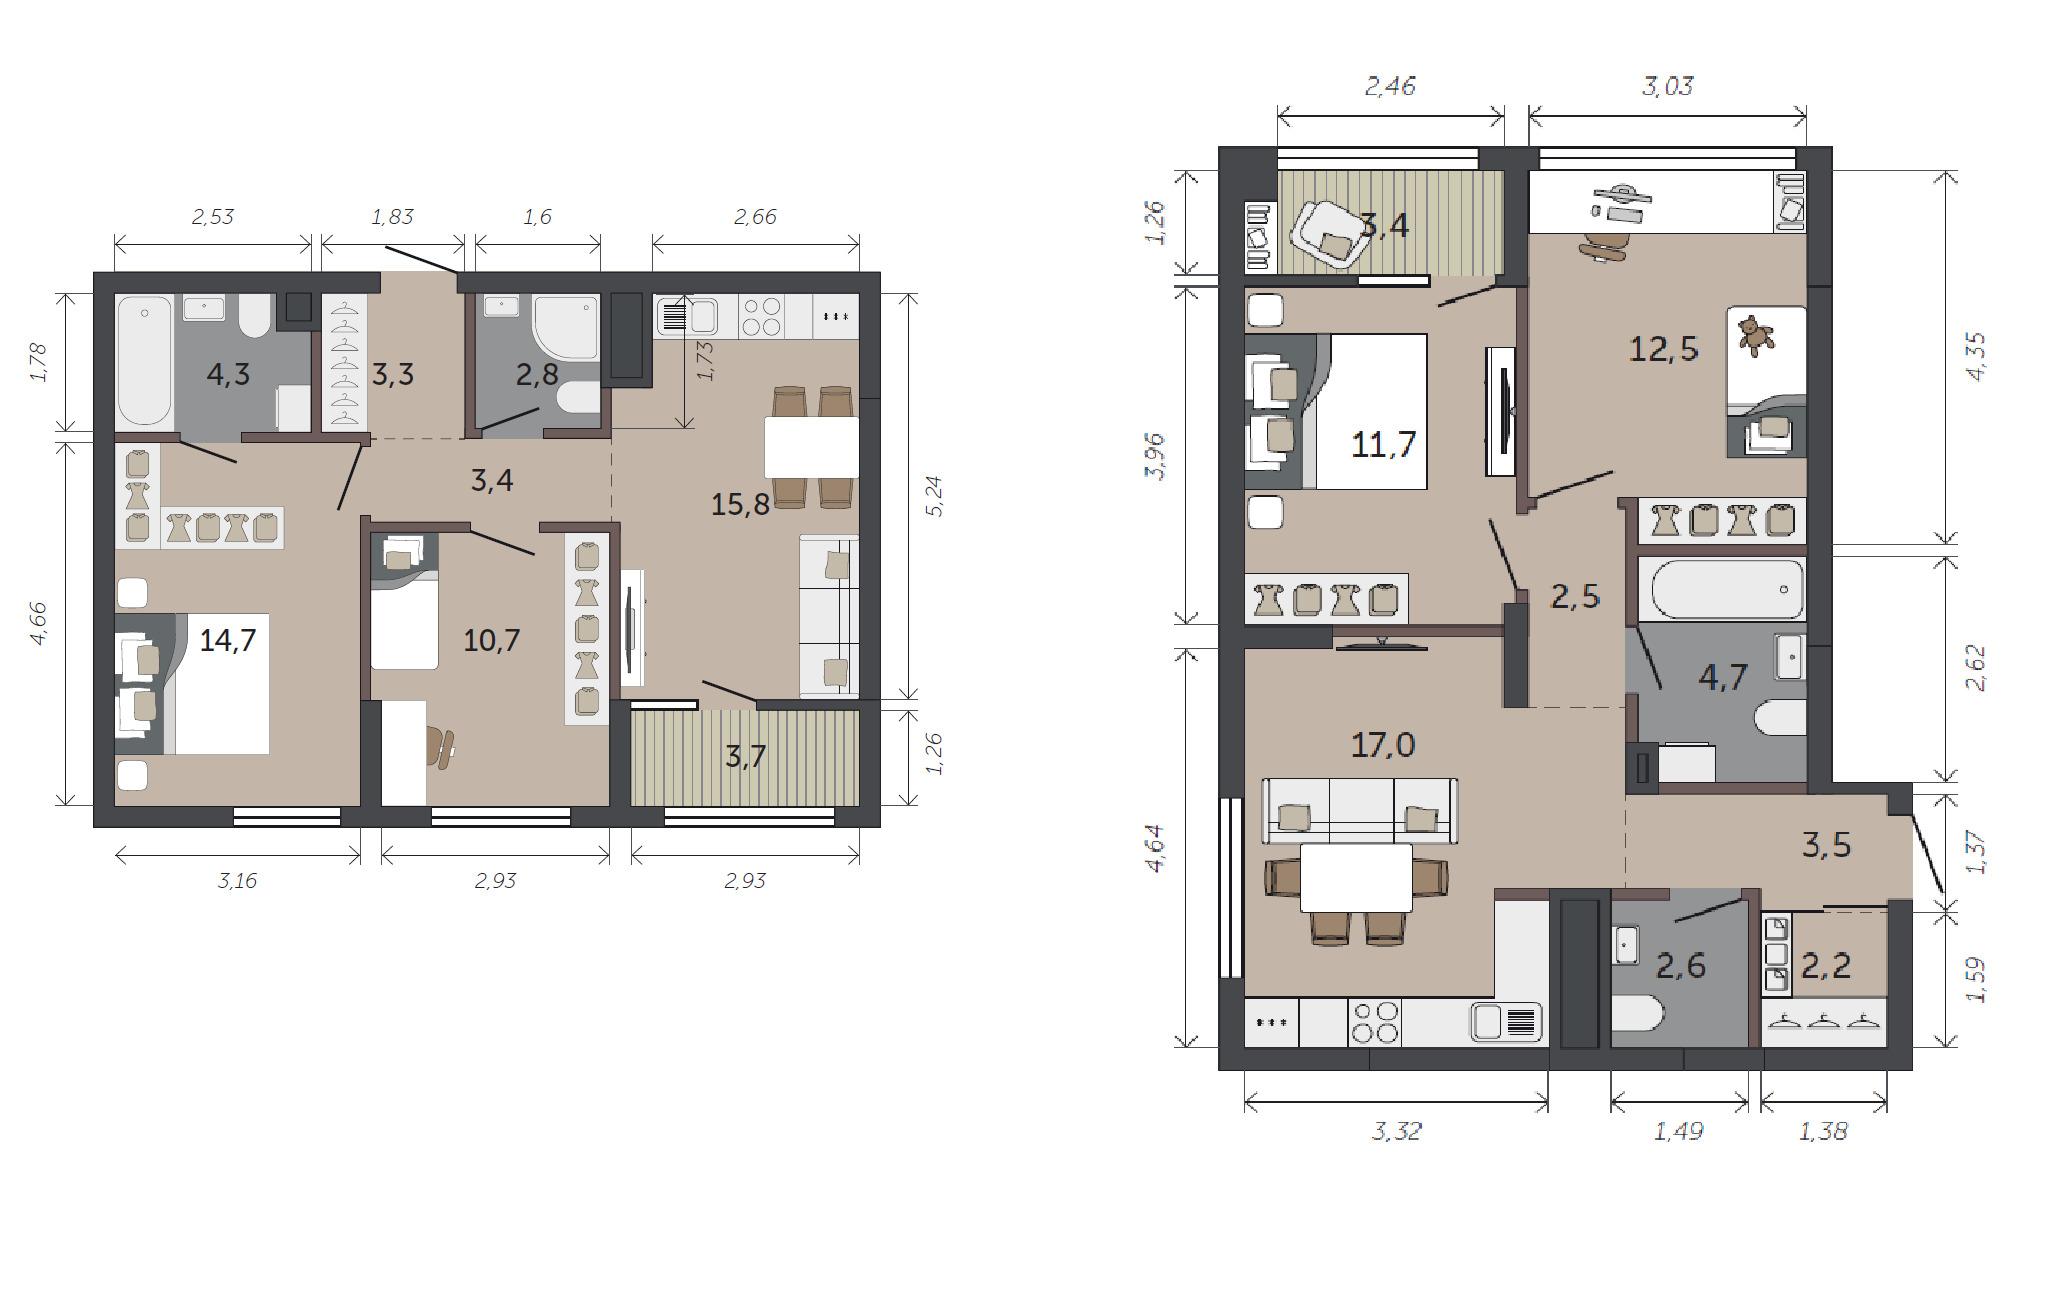 Двухкомнатные квартиры остаются самым популярным форматом жилья